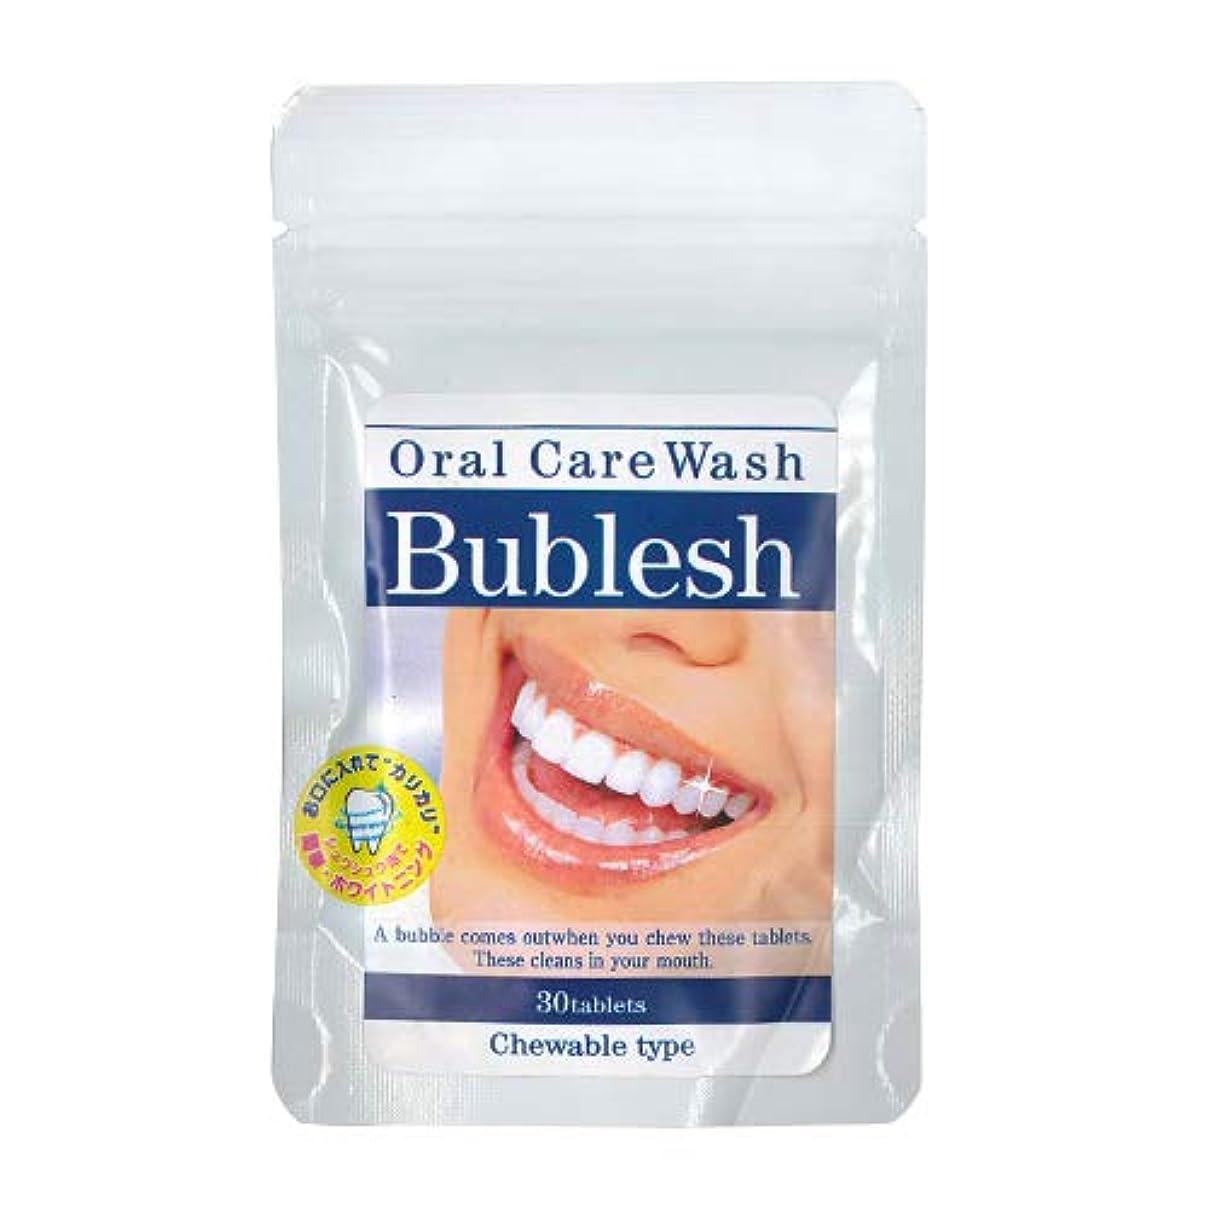 アヒルポーズ日焼けオーラルケアウォッシュ バブレッシュ (Oral Care Wash Bublesh) 30粒 × 3個セット